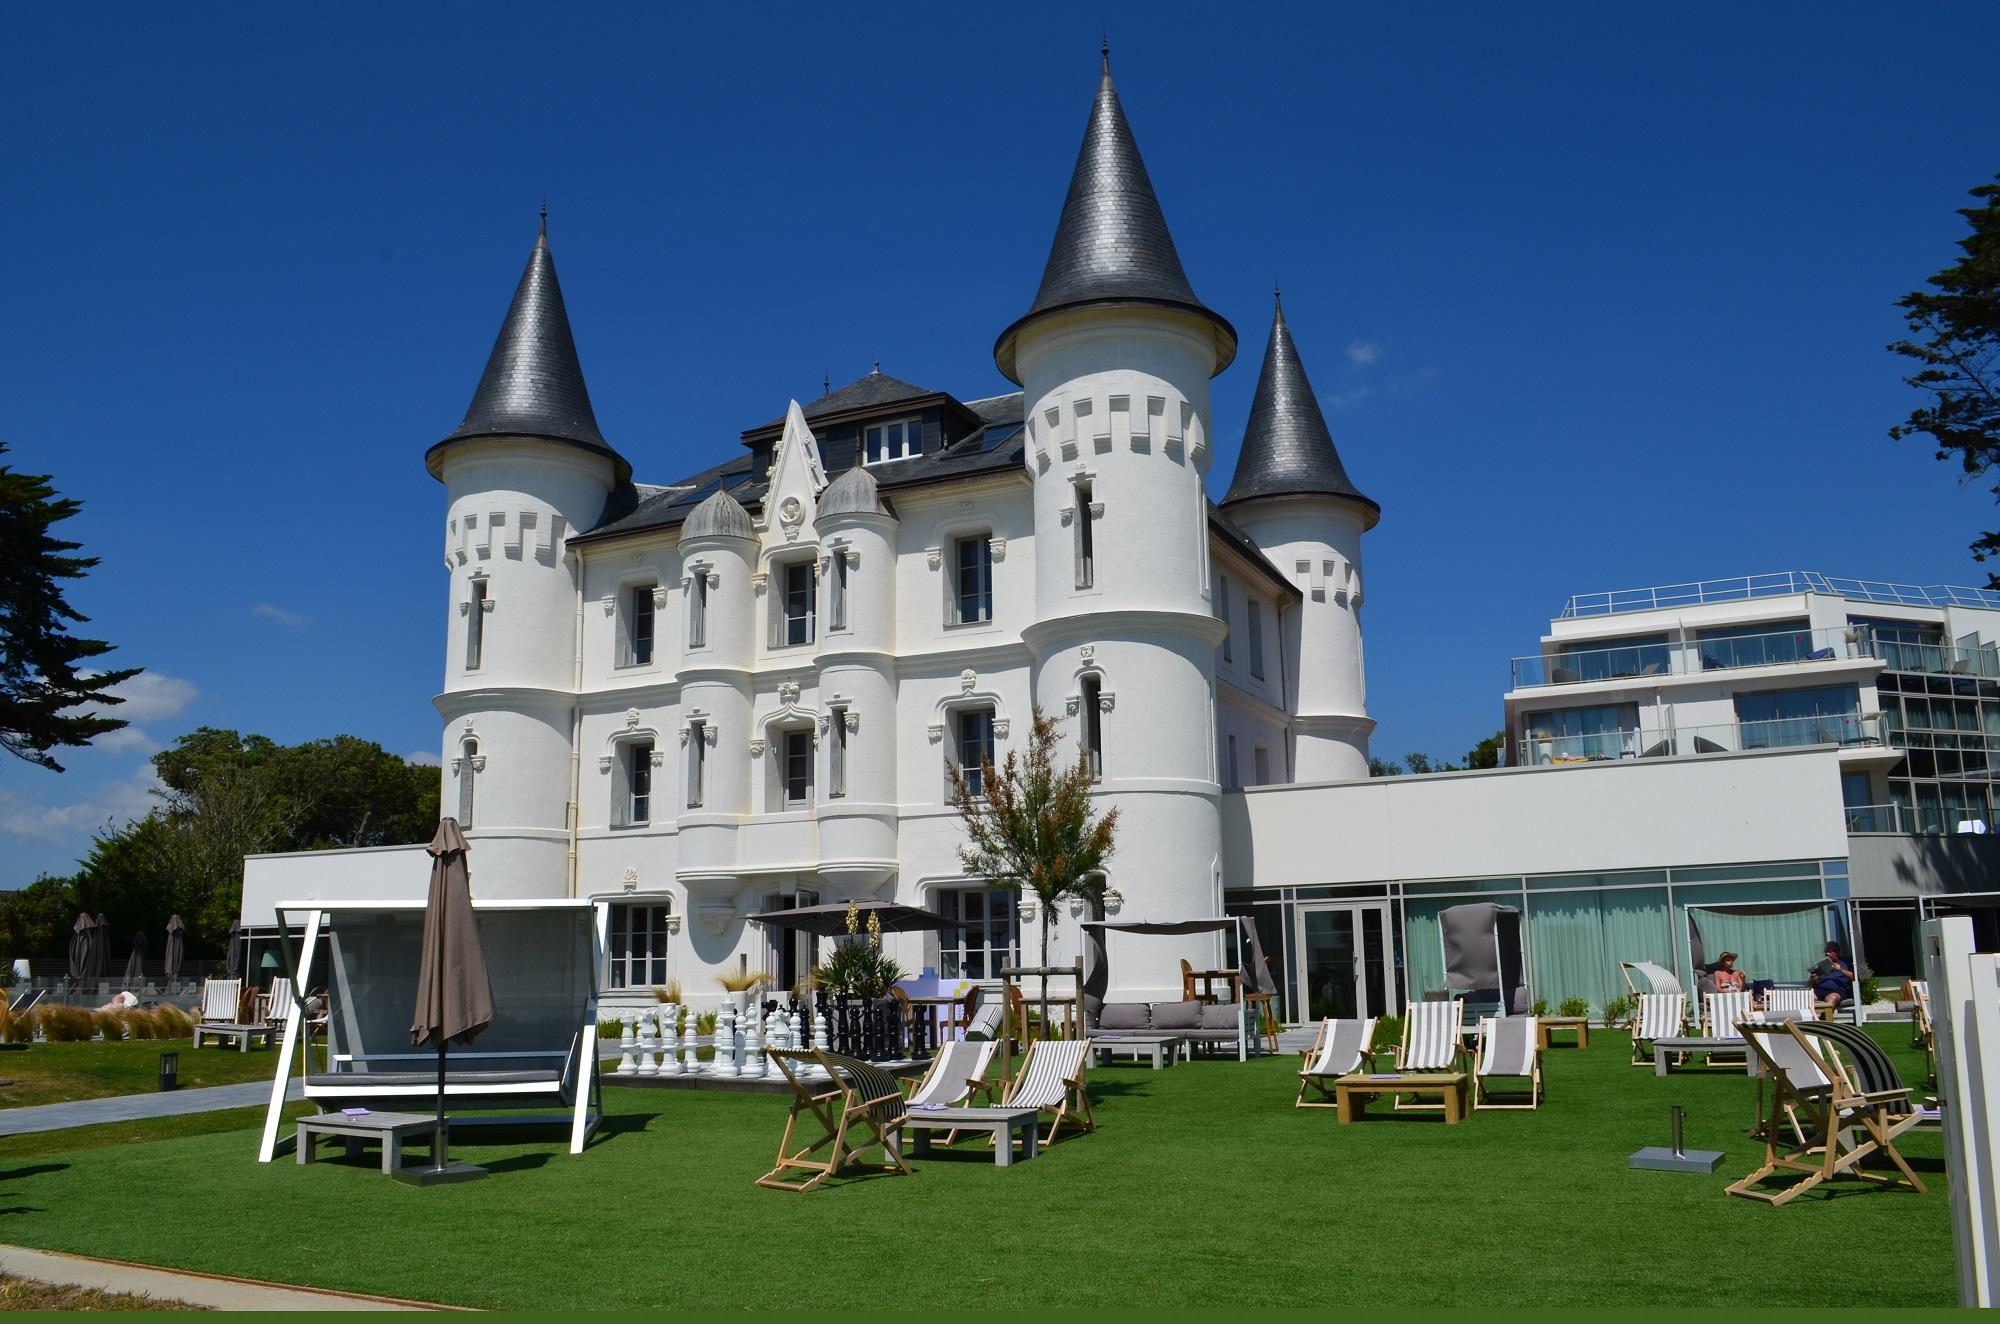 Chateau tourelles